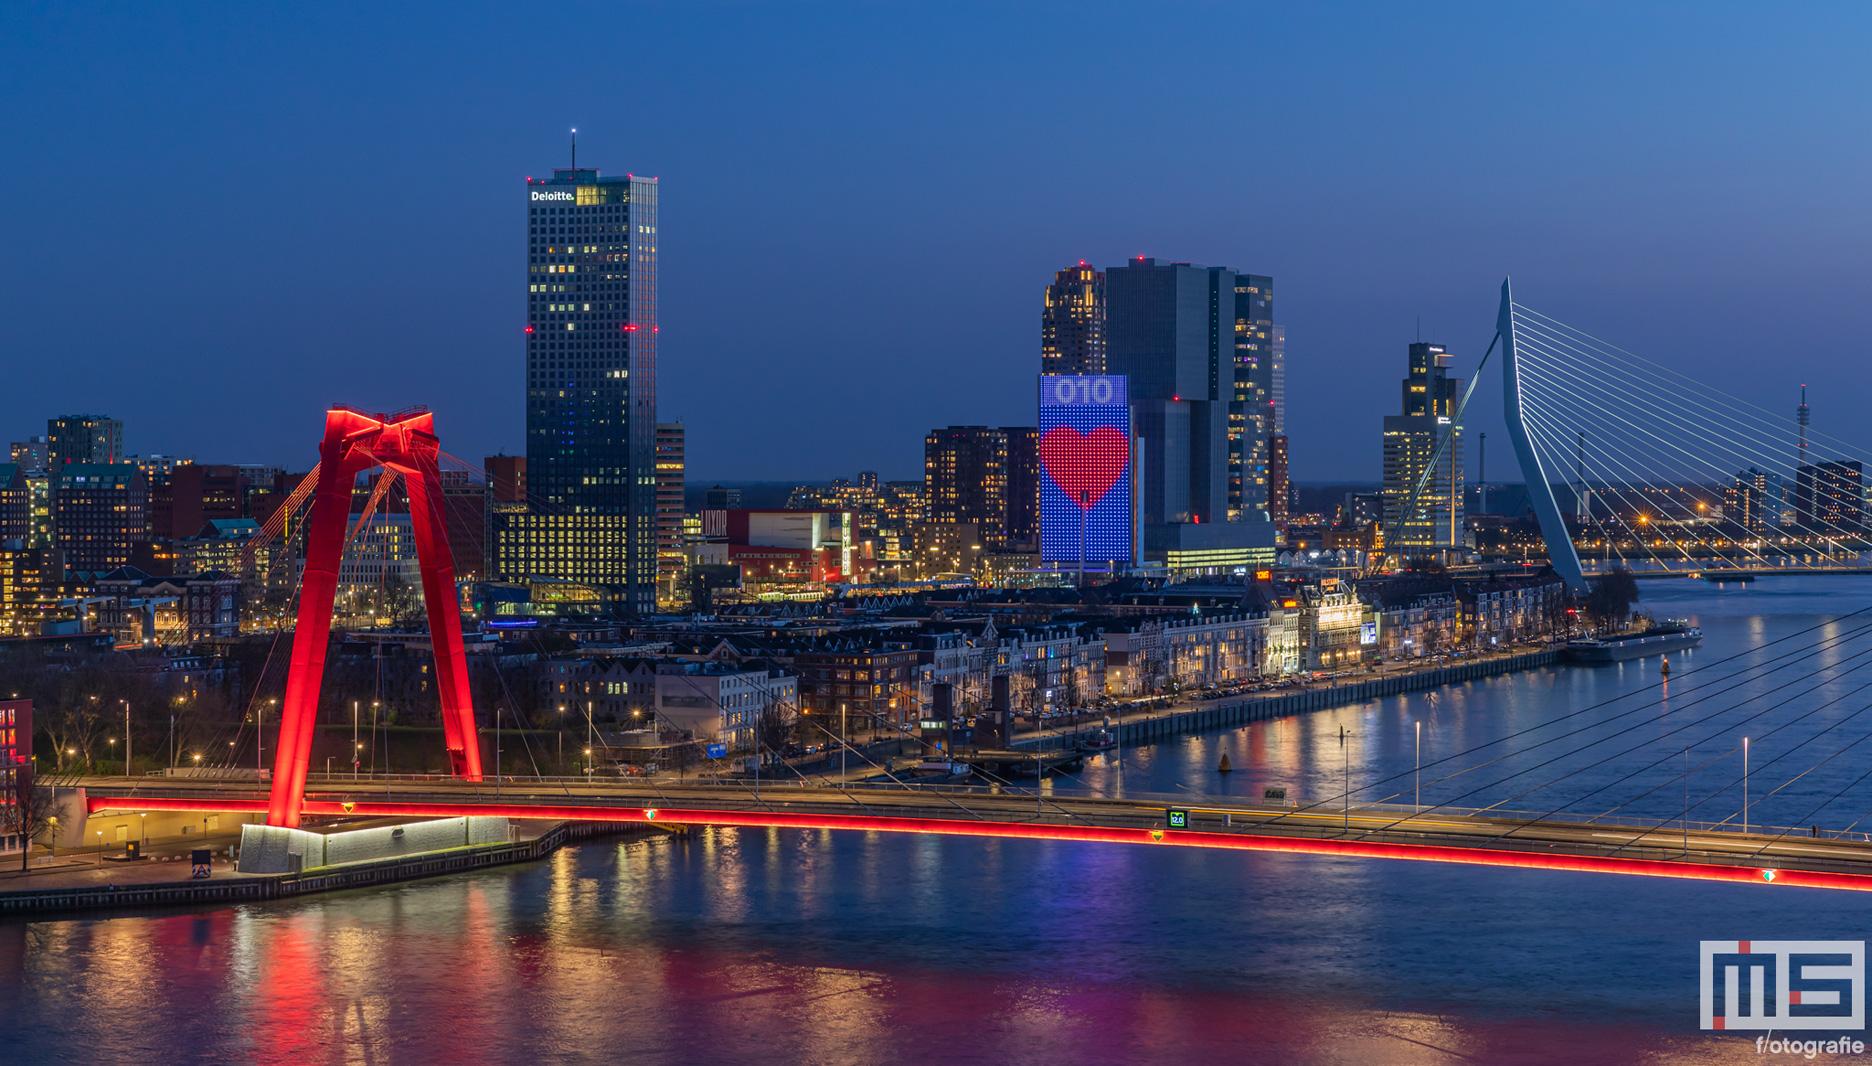 De 10 mooiste foto's van de Willemsbrug Rotterdam | Cover